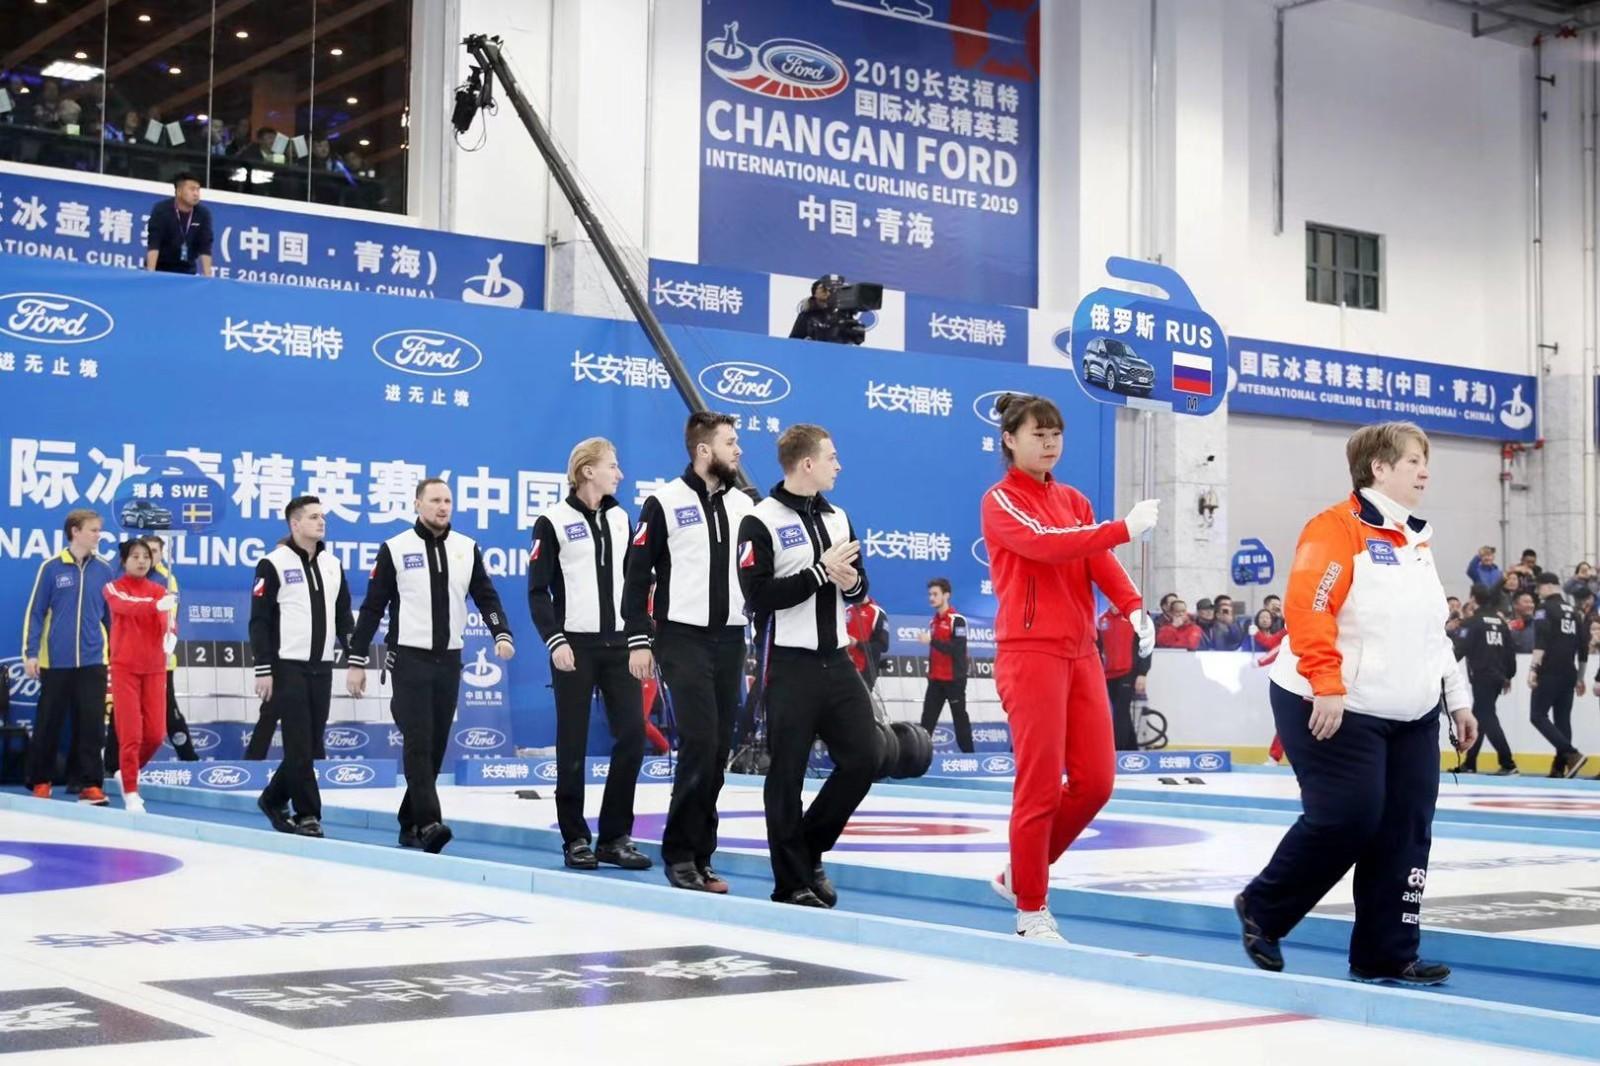 2019长安福特国际冰壶精英赛青海隆重开幕  中国女队迎开门红